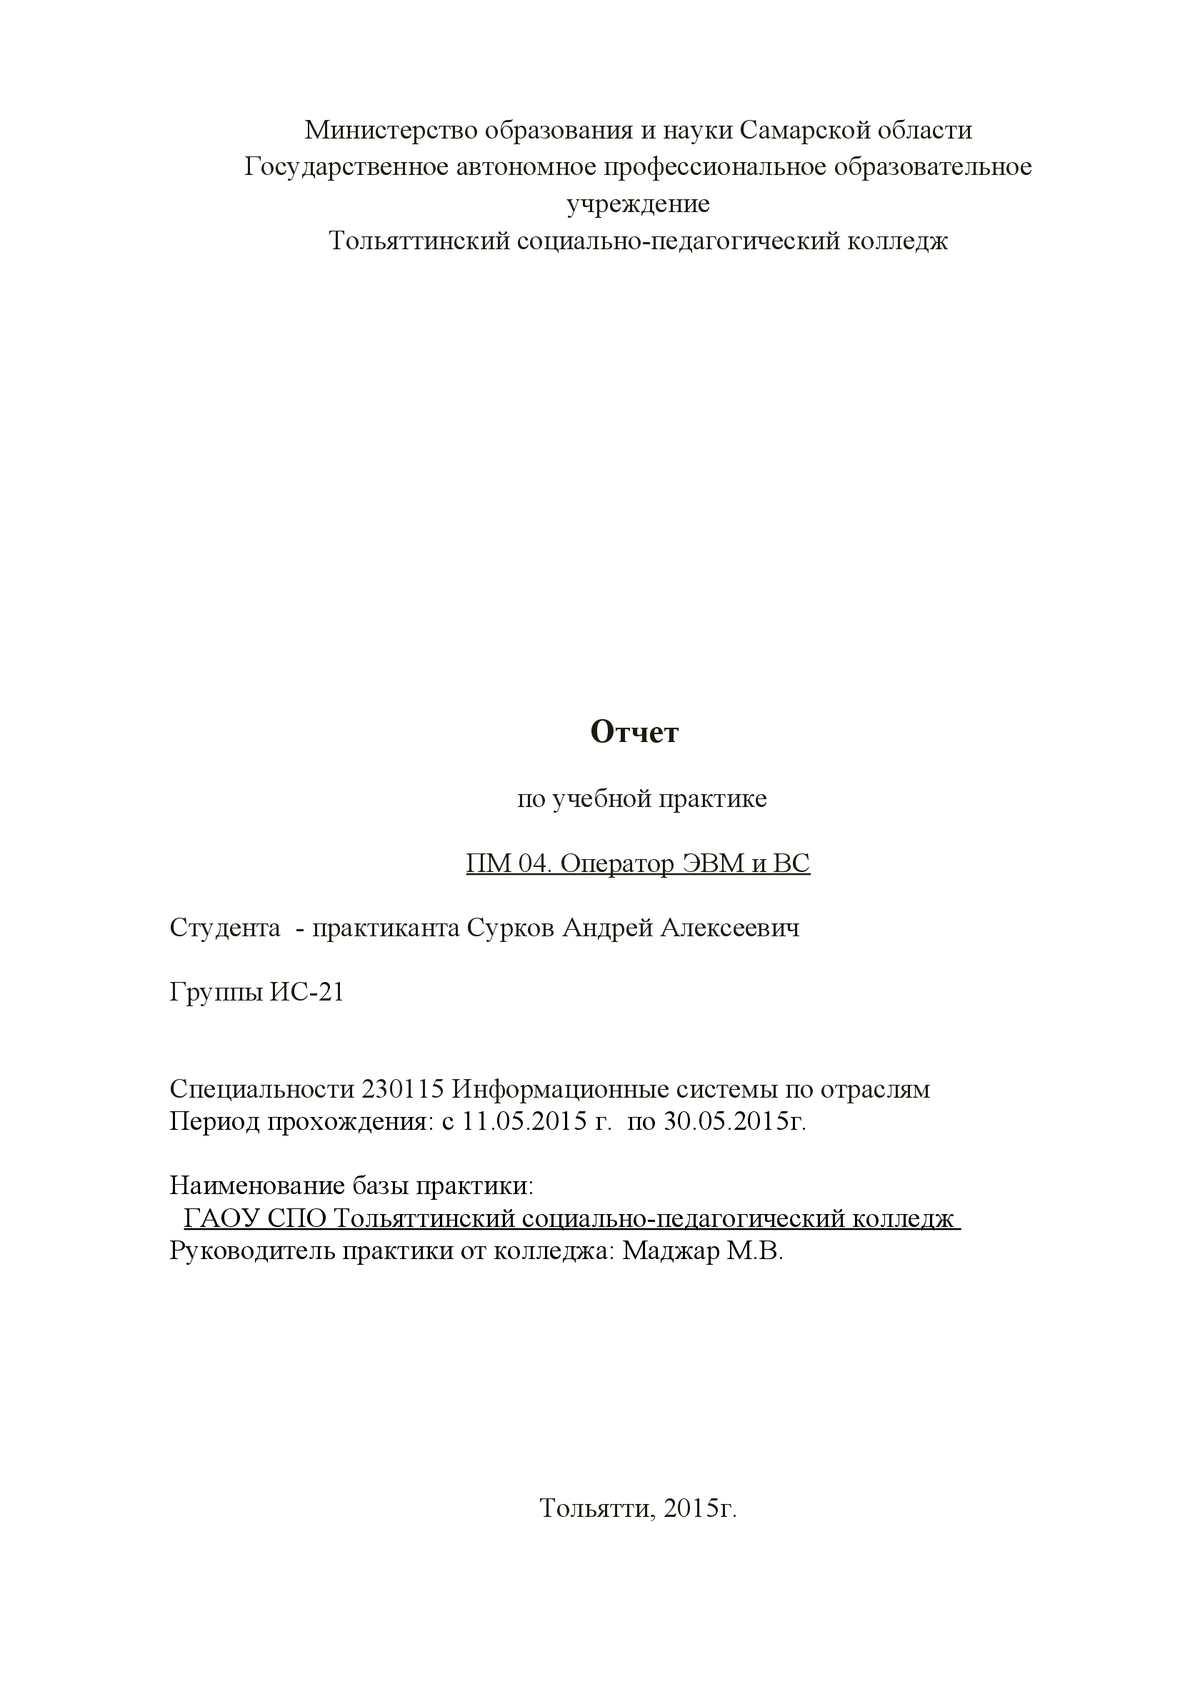 Отчет по практике ШАБЛОН лето